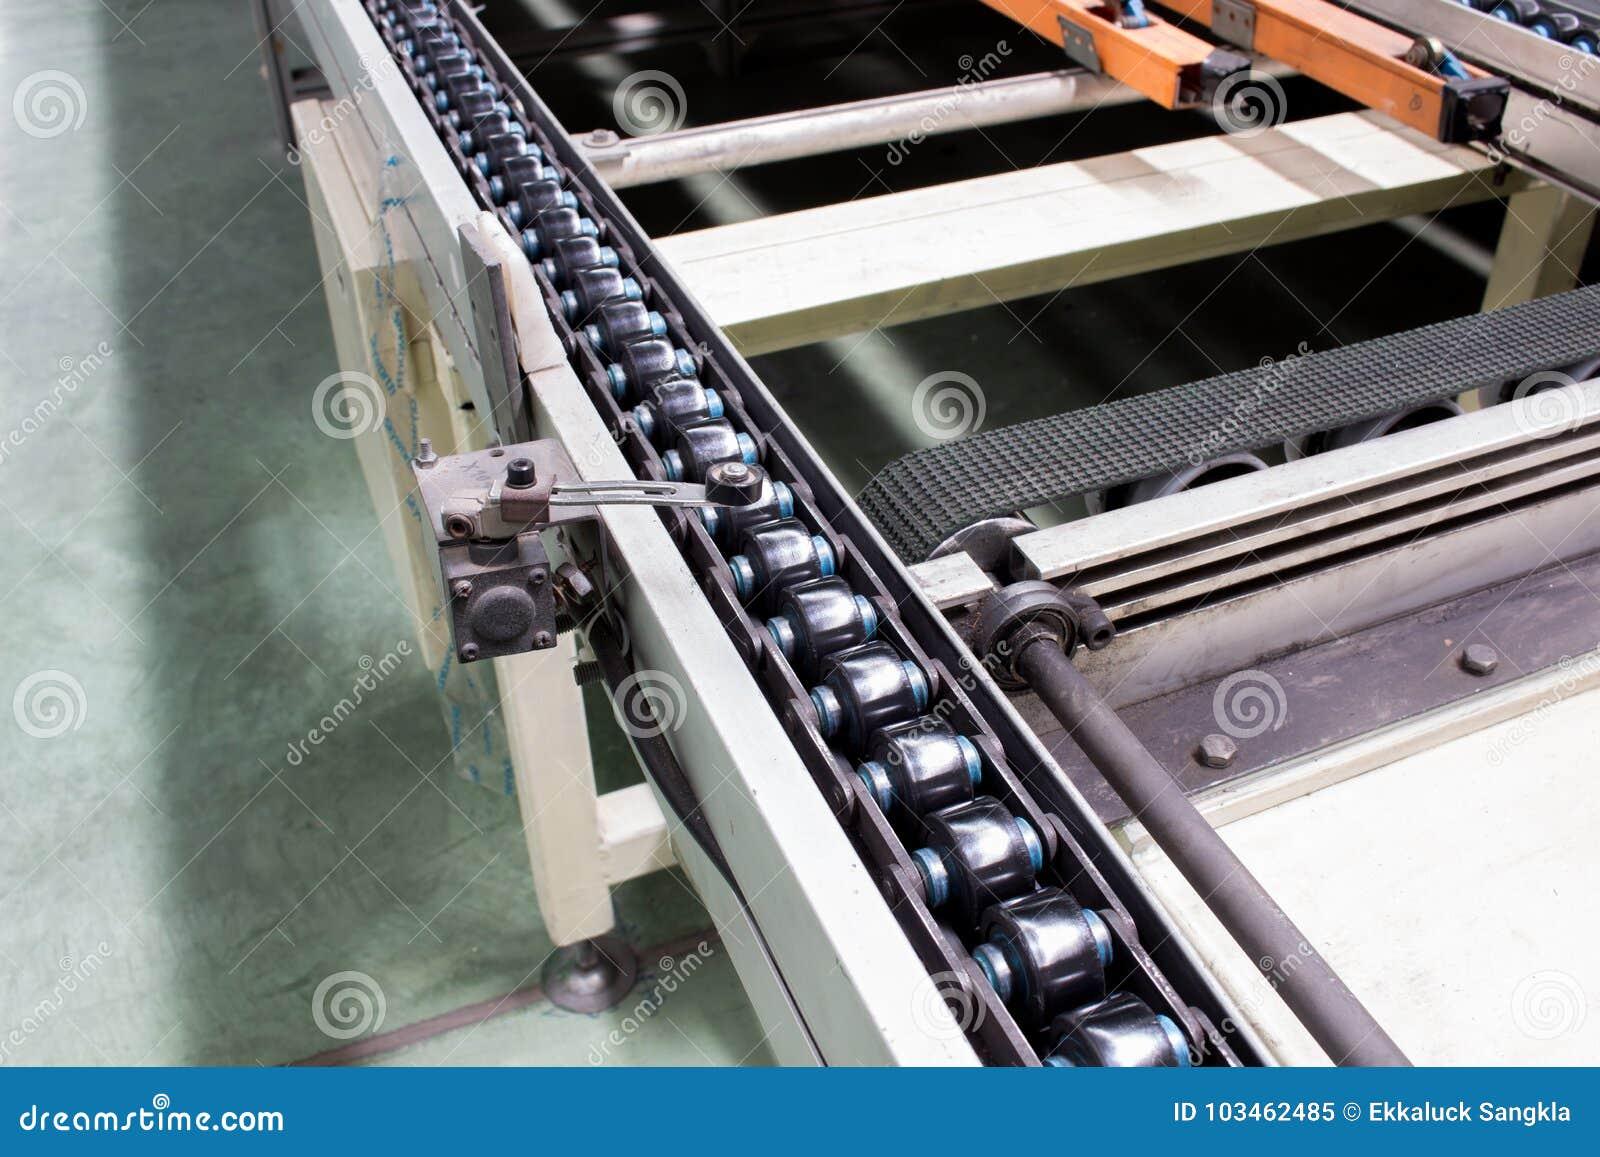 Ленты транспортеров с цепями какое масло лучше для дизеля т4 транспортера